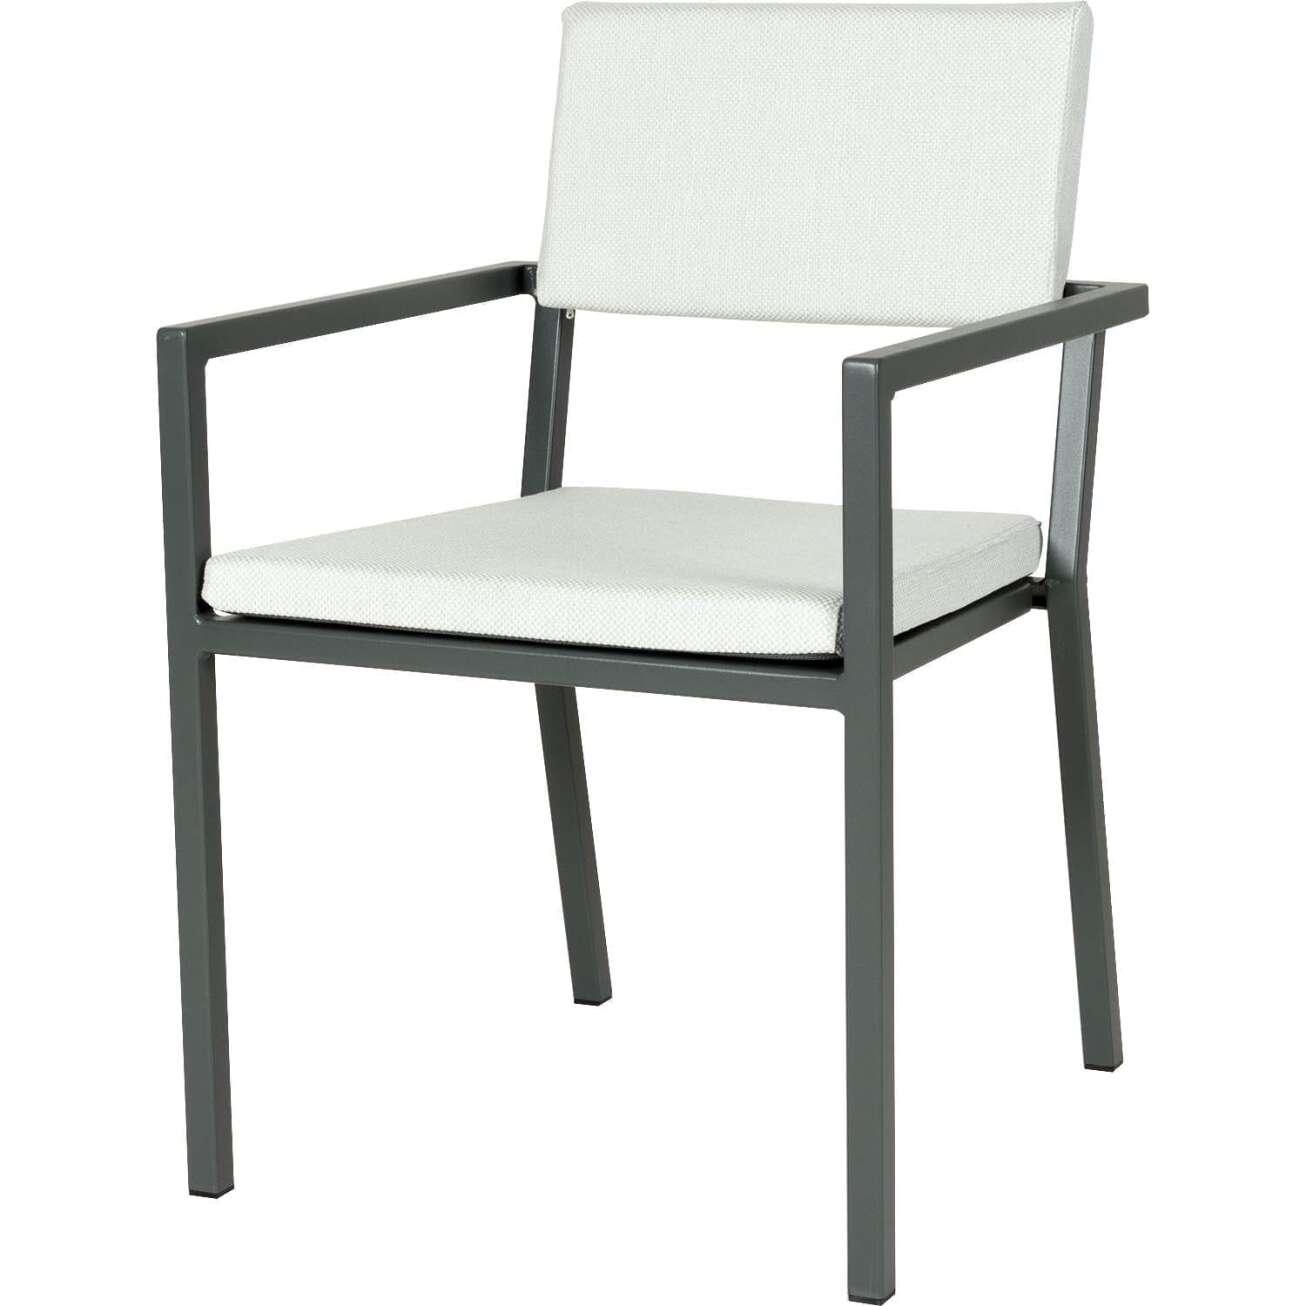 Sundays Frame spisestol i mørkgrå aluminium med hvite puter